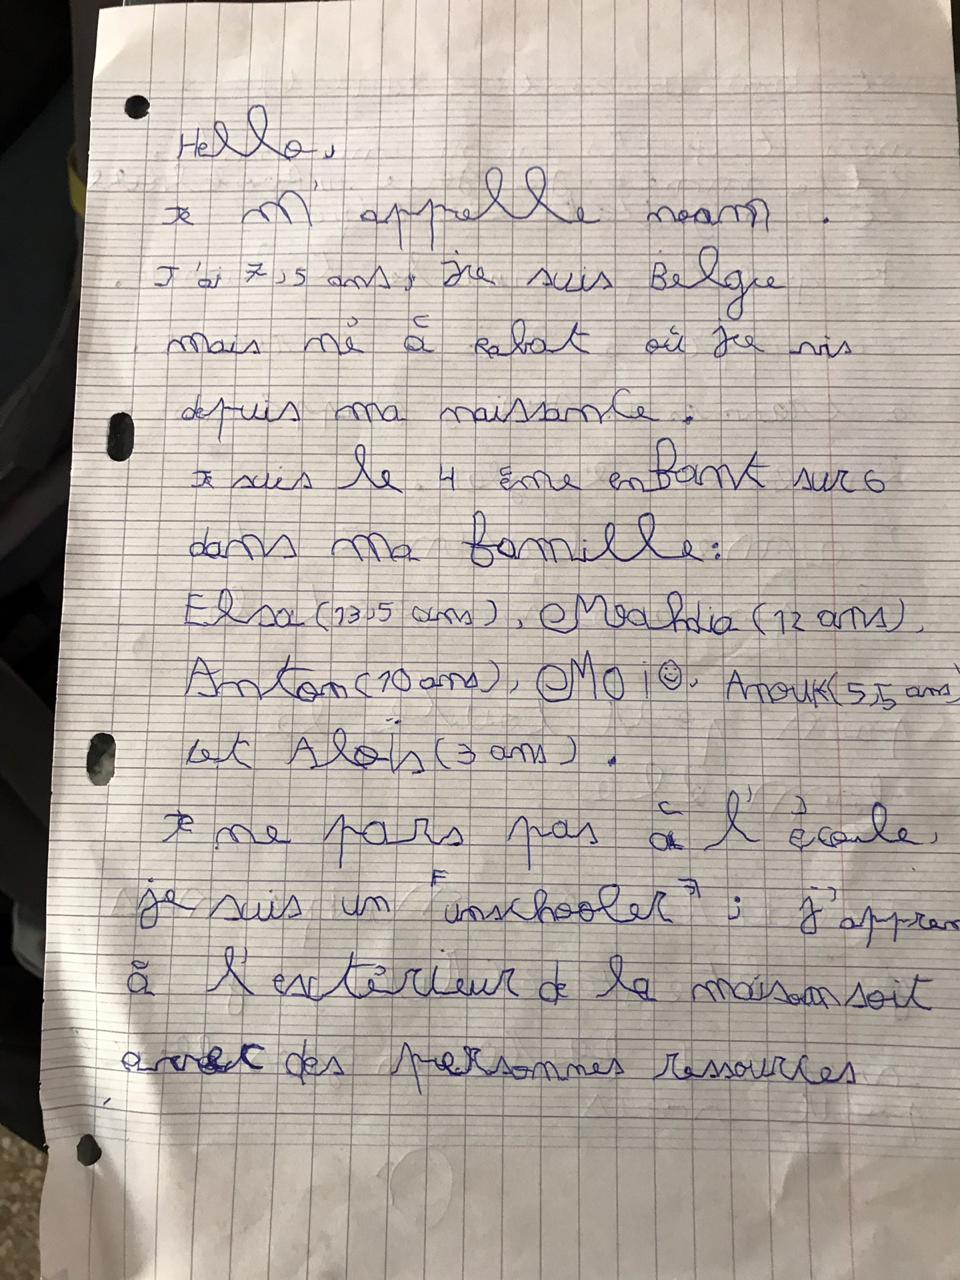 noam lettre